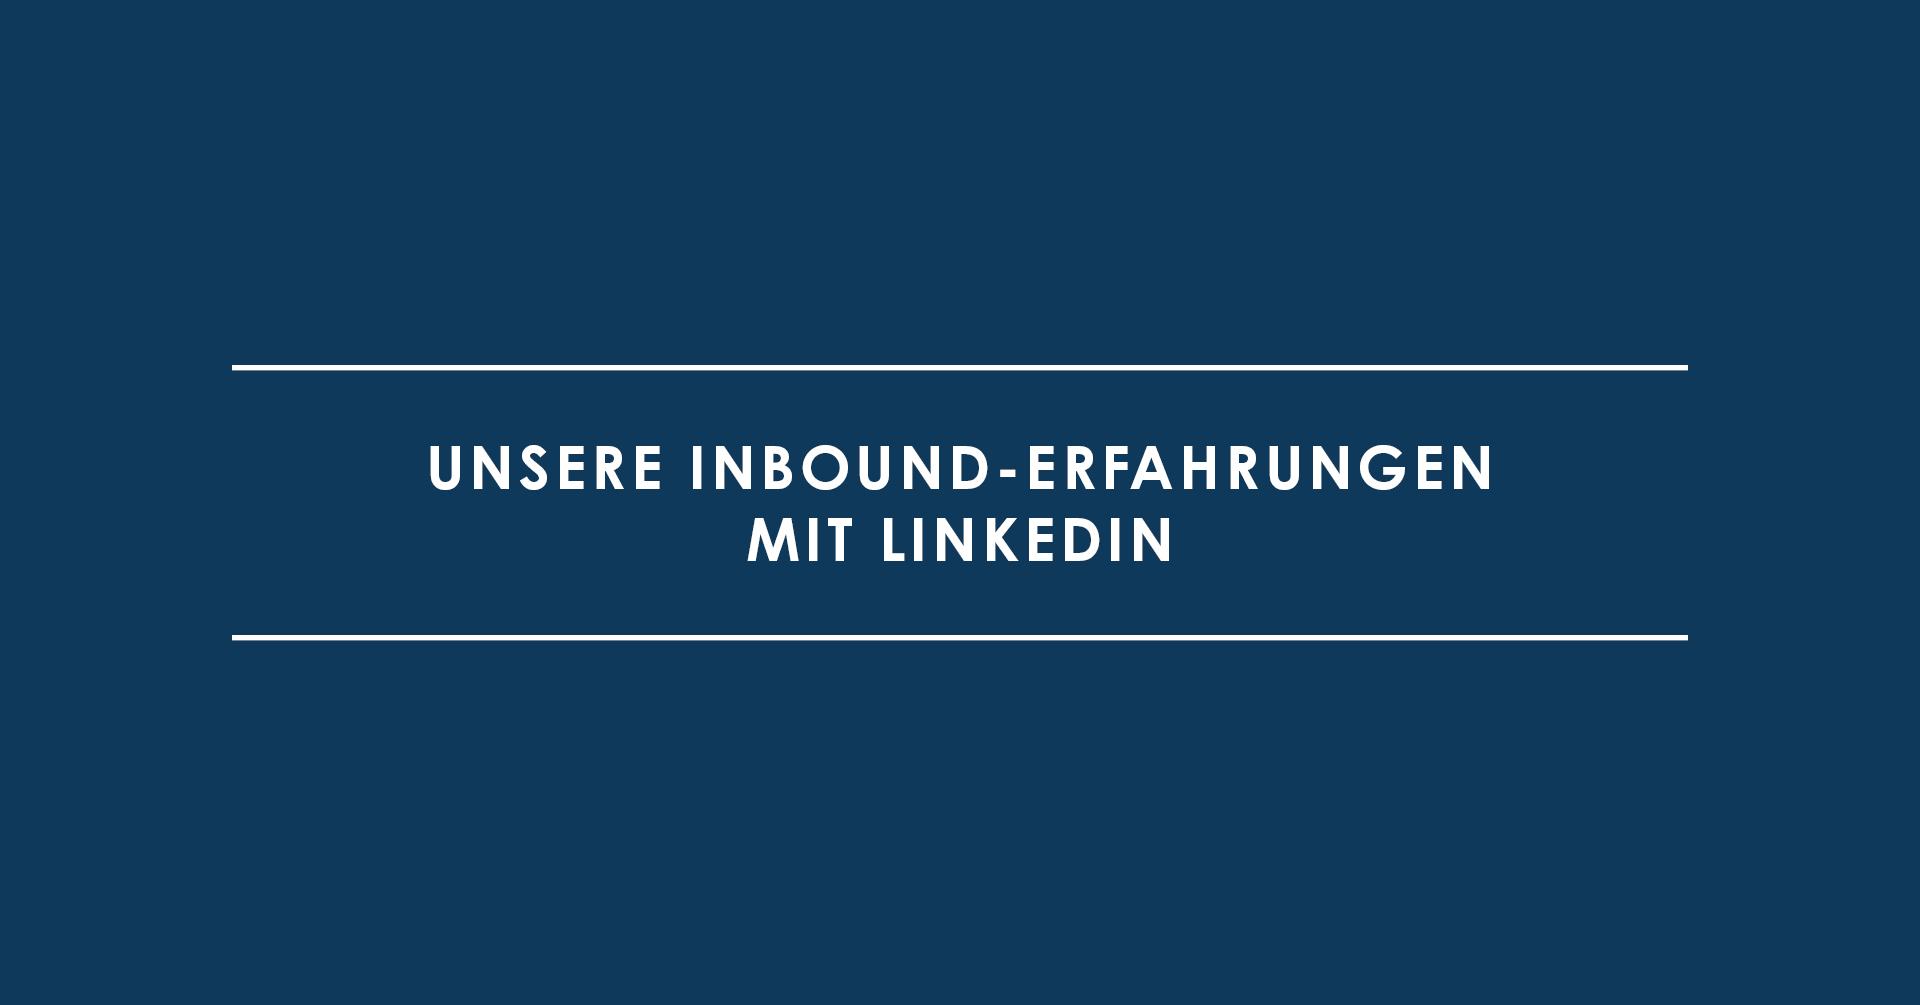 Unsere Inbound-Erfahrungen mit LinkedIn – & wie wir die Plattform nutzen